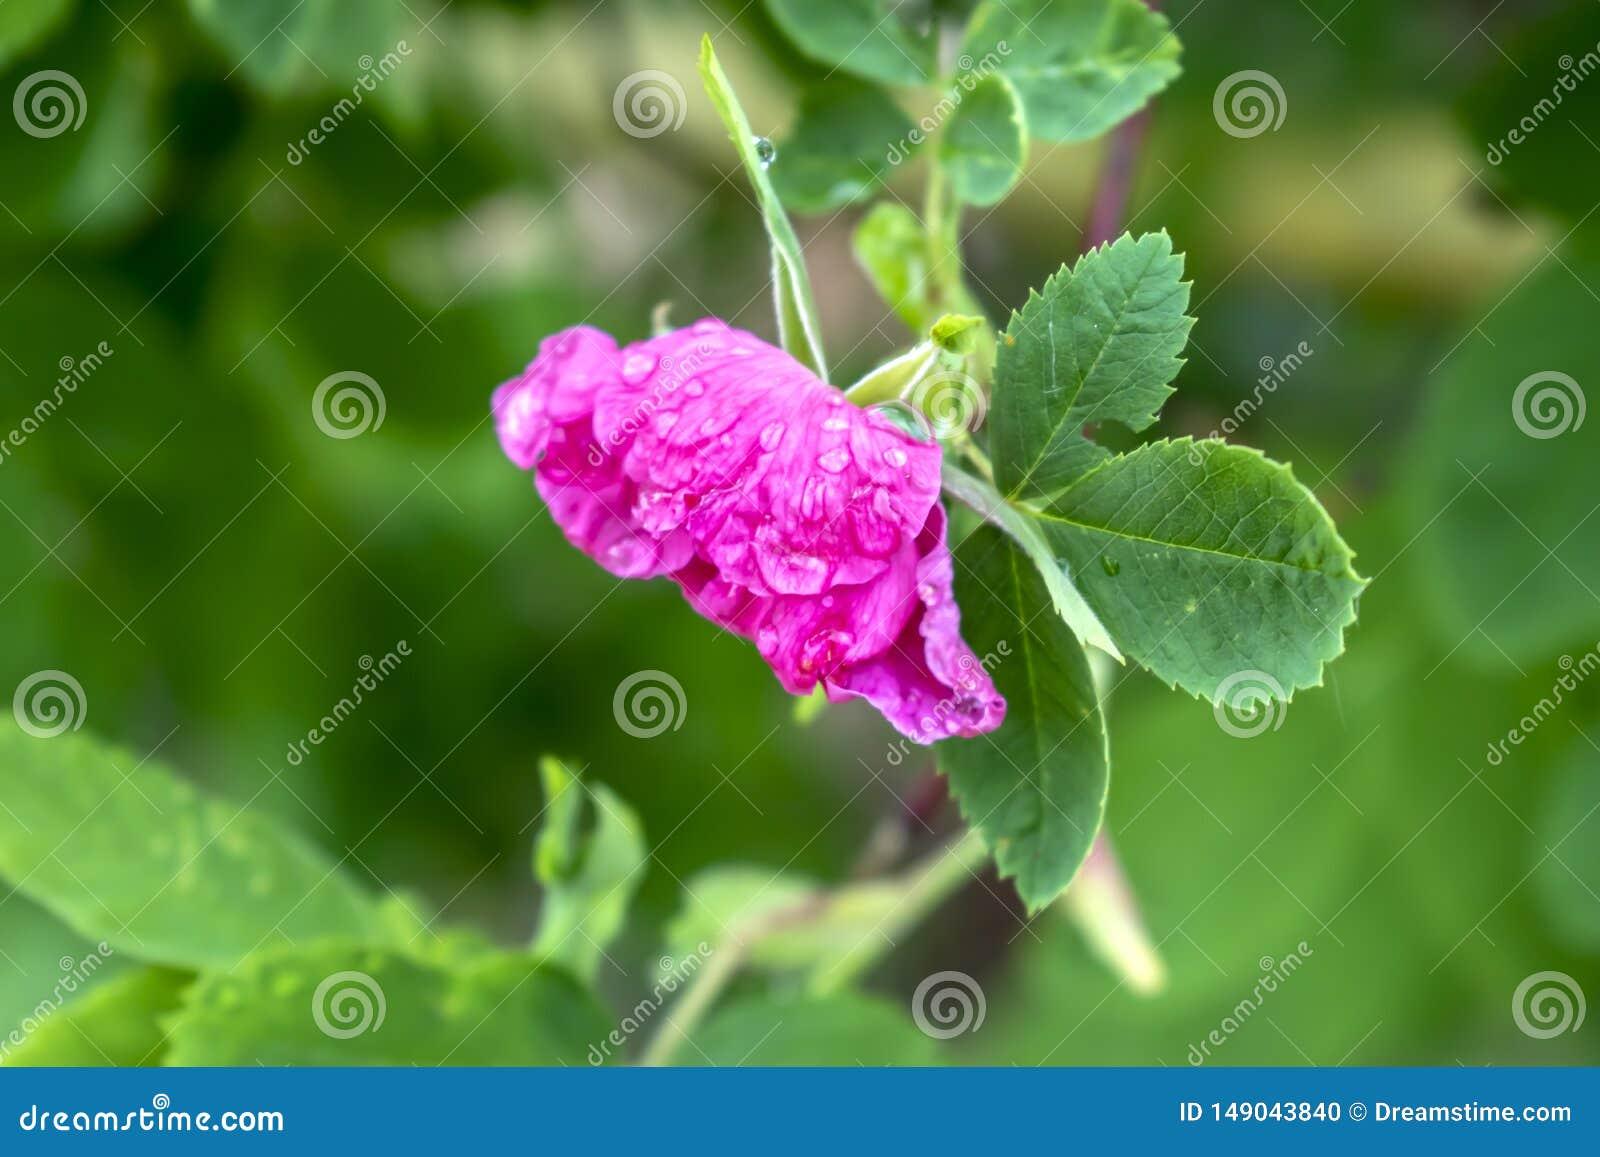 Rosa Hagebuttenblume mit Tautropfen nah oben mit unscharfem Hintergrund